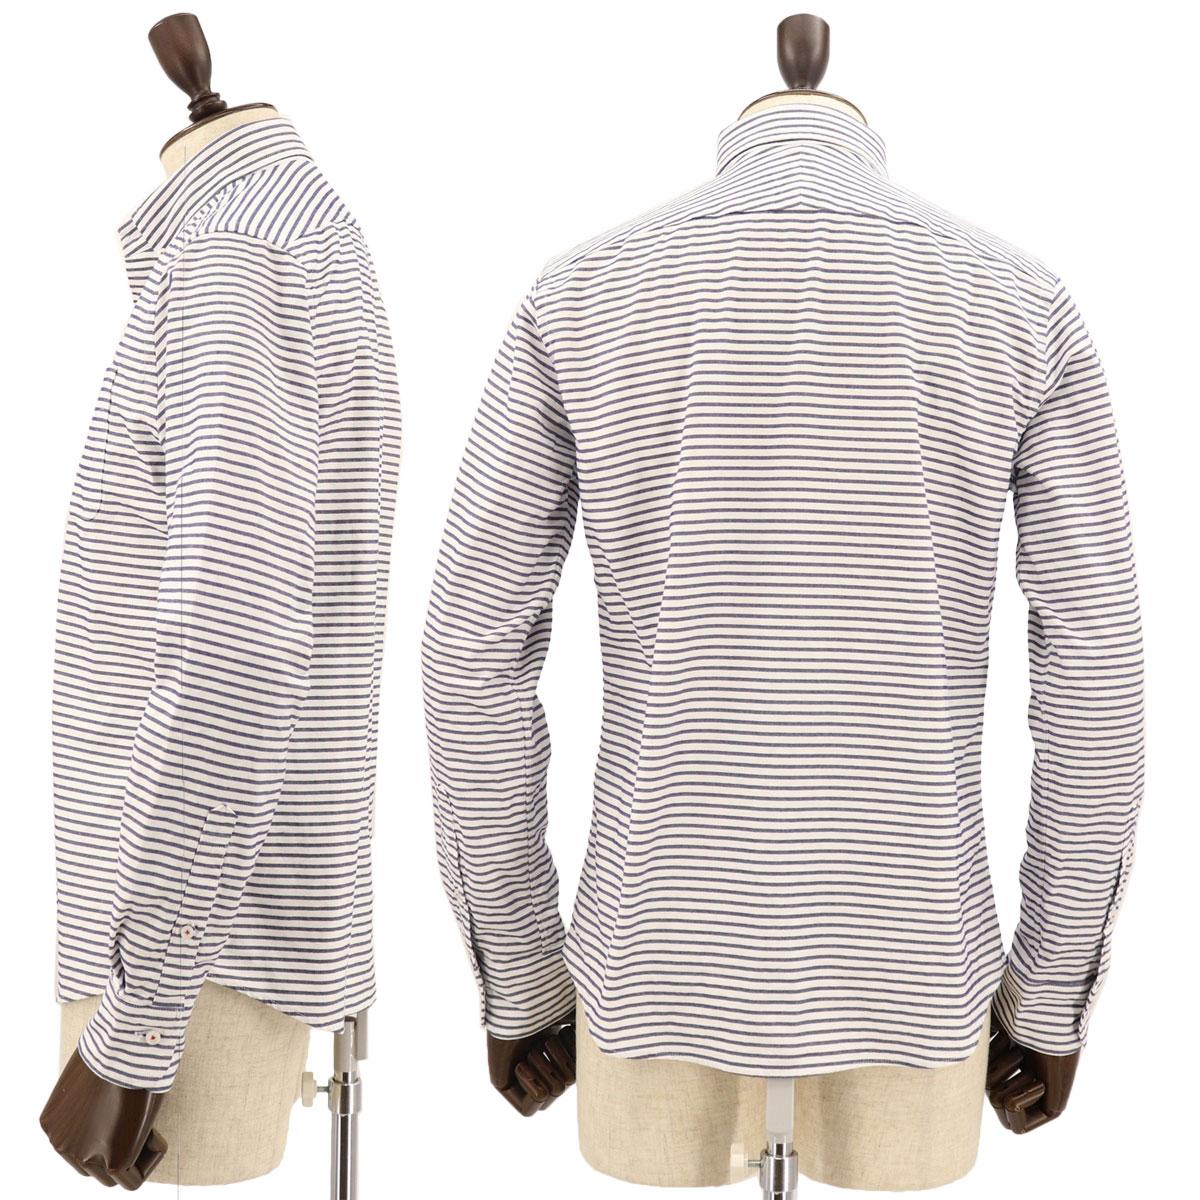 オックスフォード ボーダー ボタンダウンシャツ(NAVY)